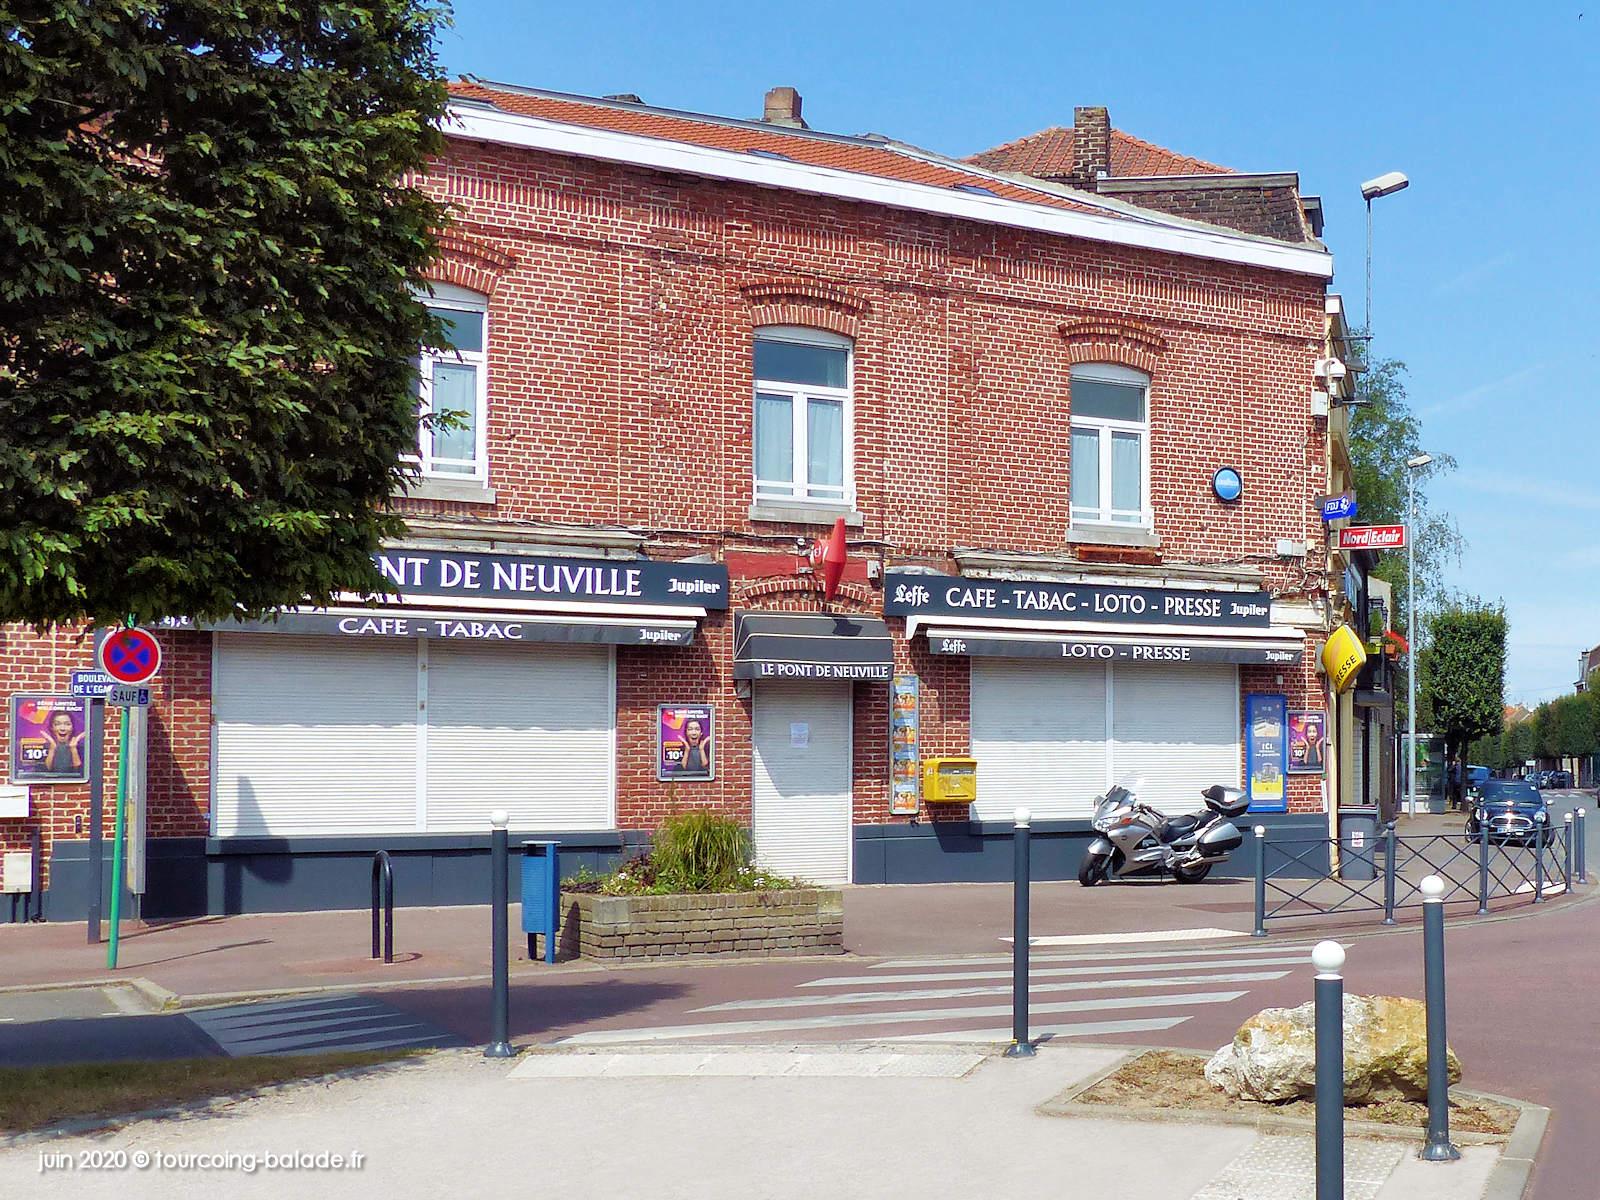 Bar Tabac Le Pont de Neuville, Tourcoing 2020